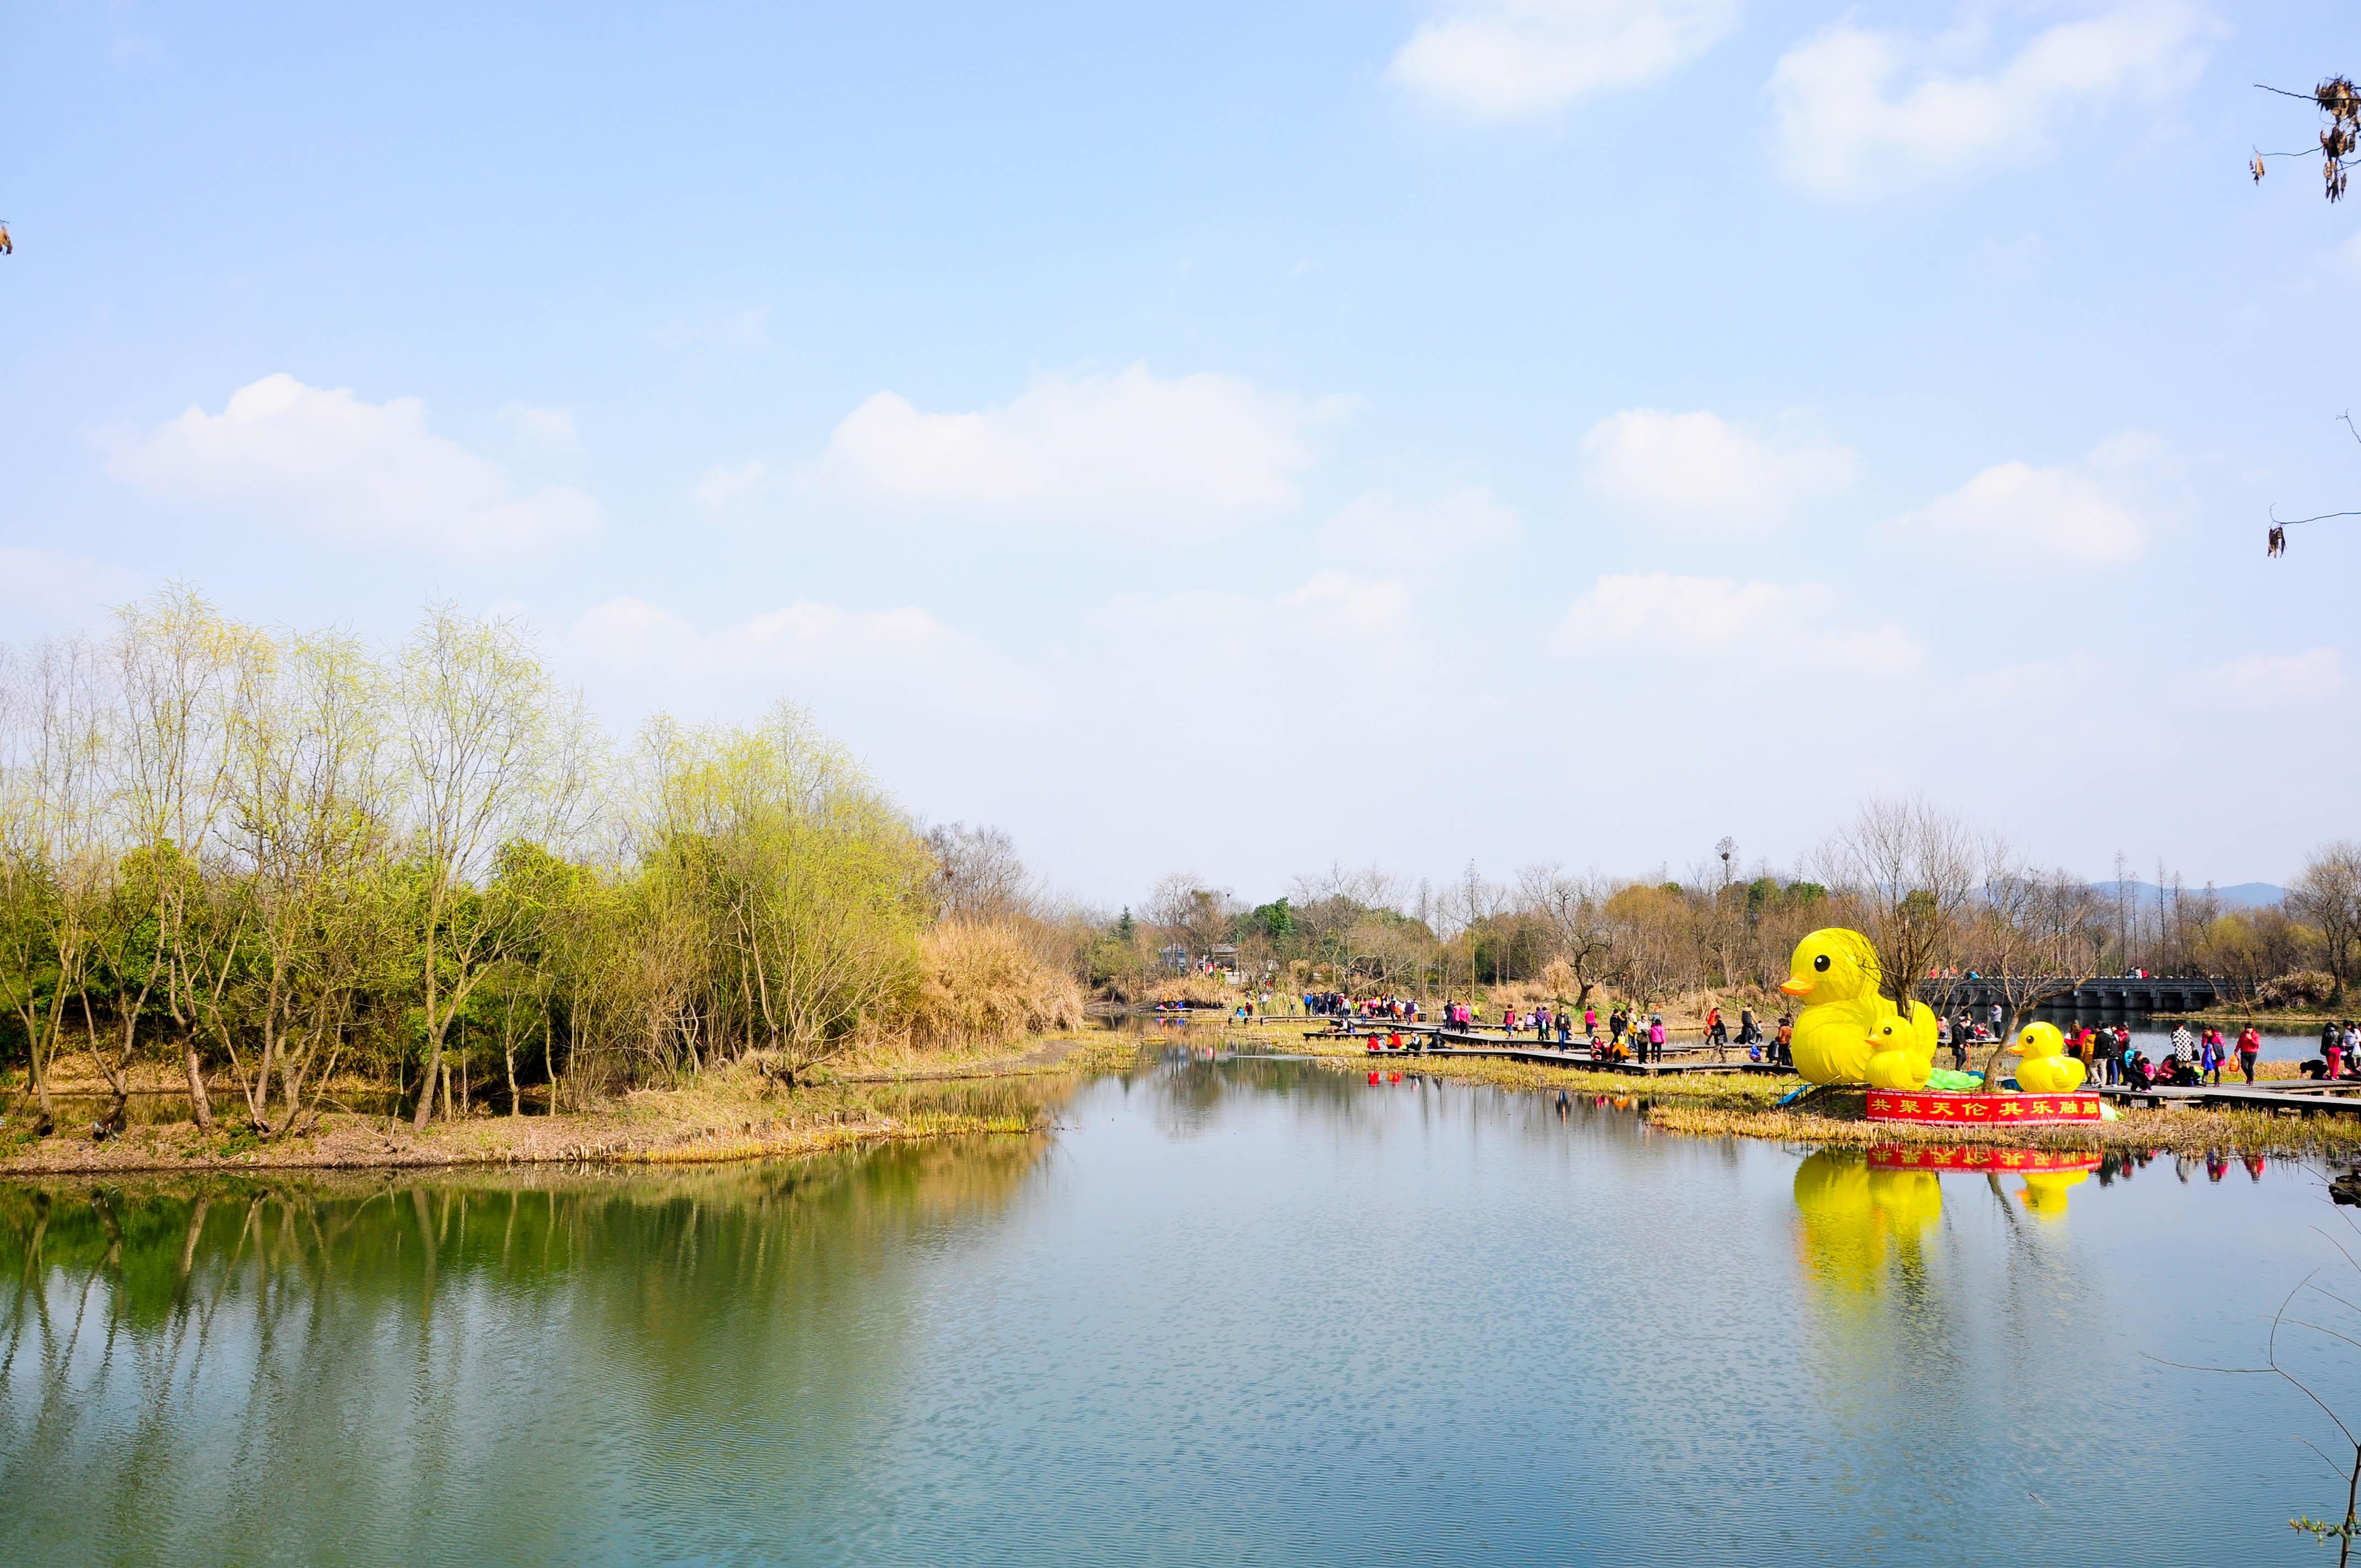 小黄鸭,黄色的画面很是绚丽!